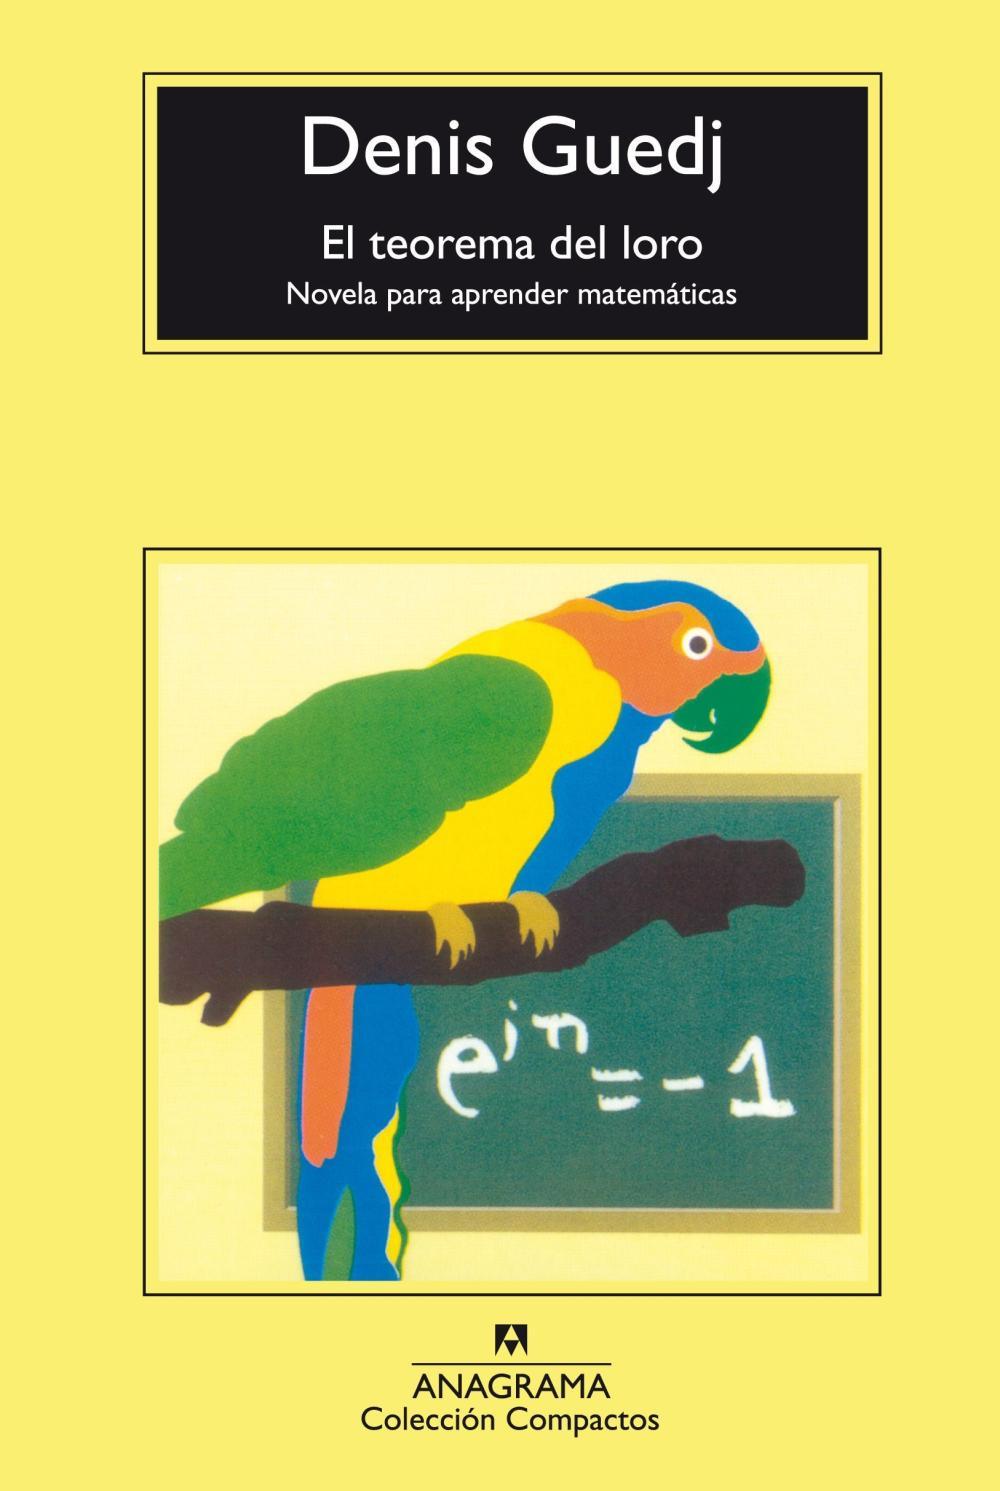 El teorema del loro